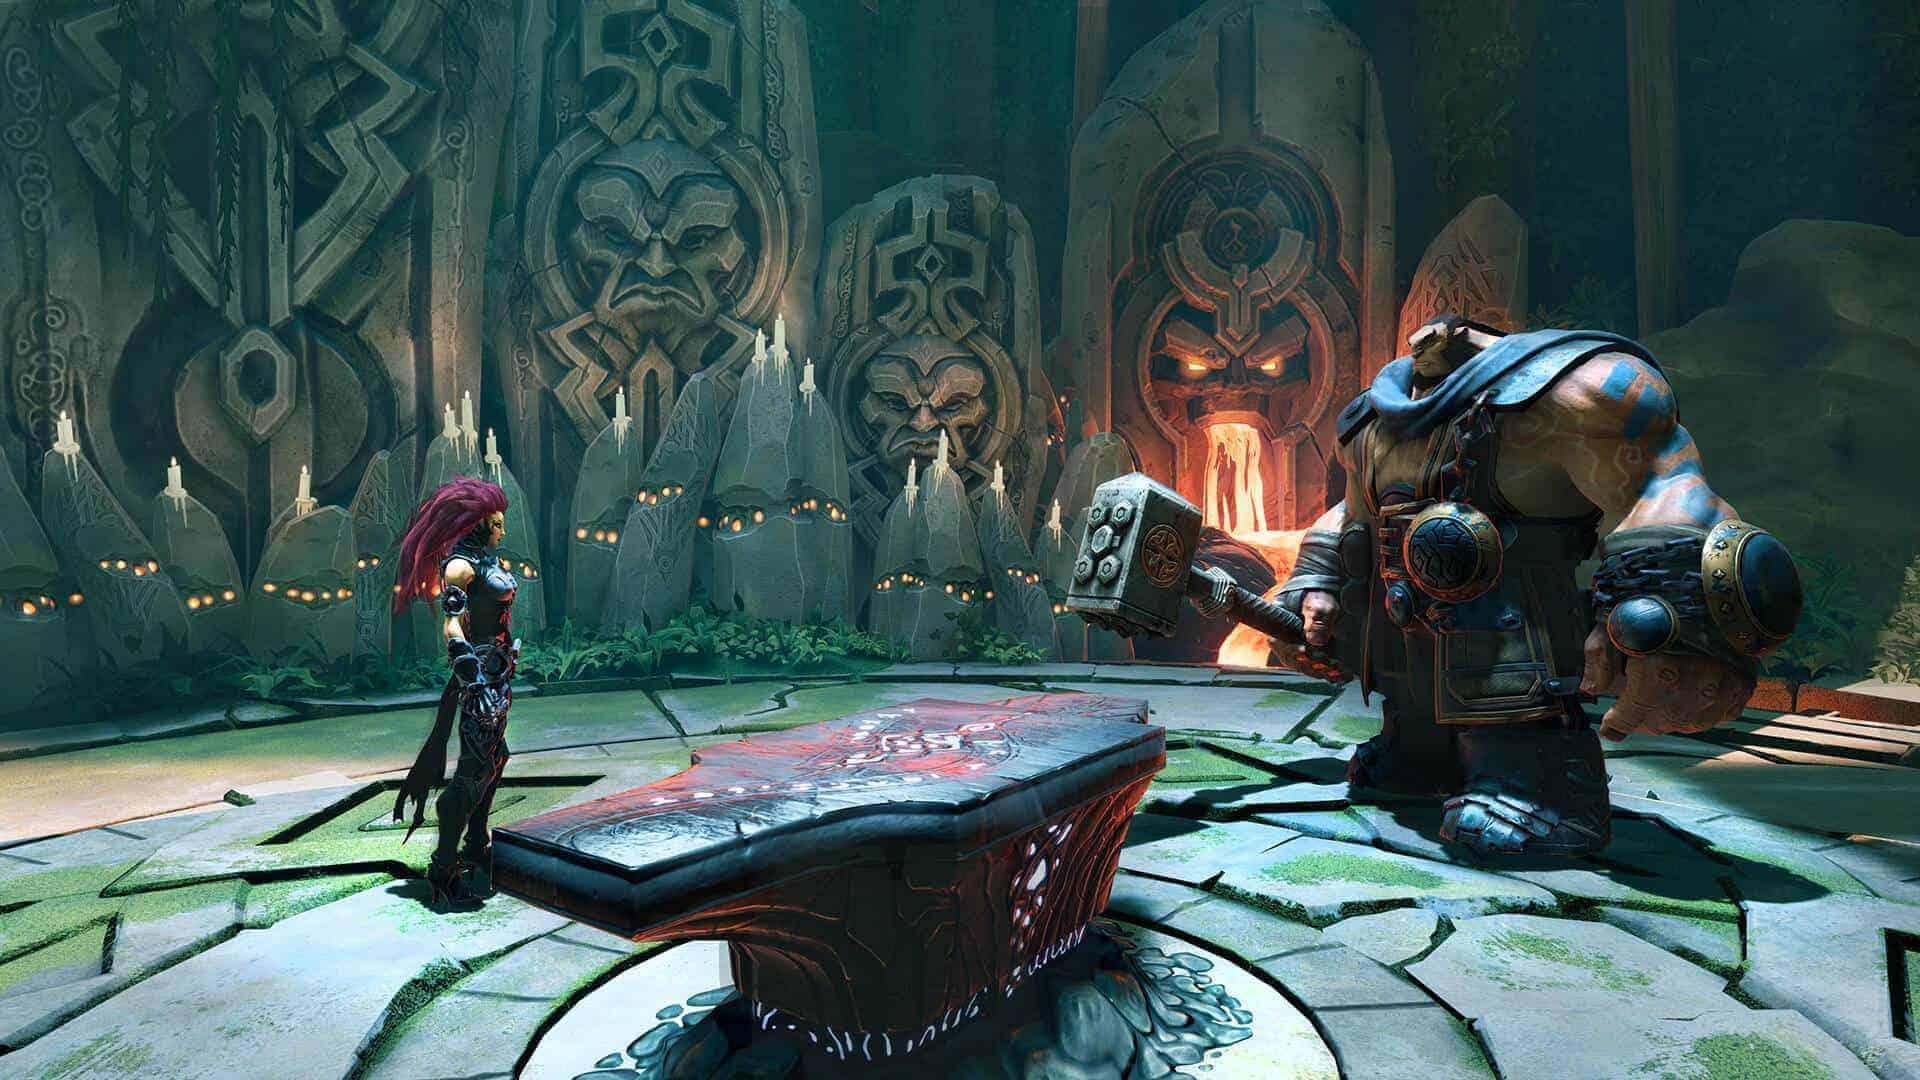 Скачать игру darksiders 3 на компьютер бесплатно